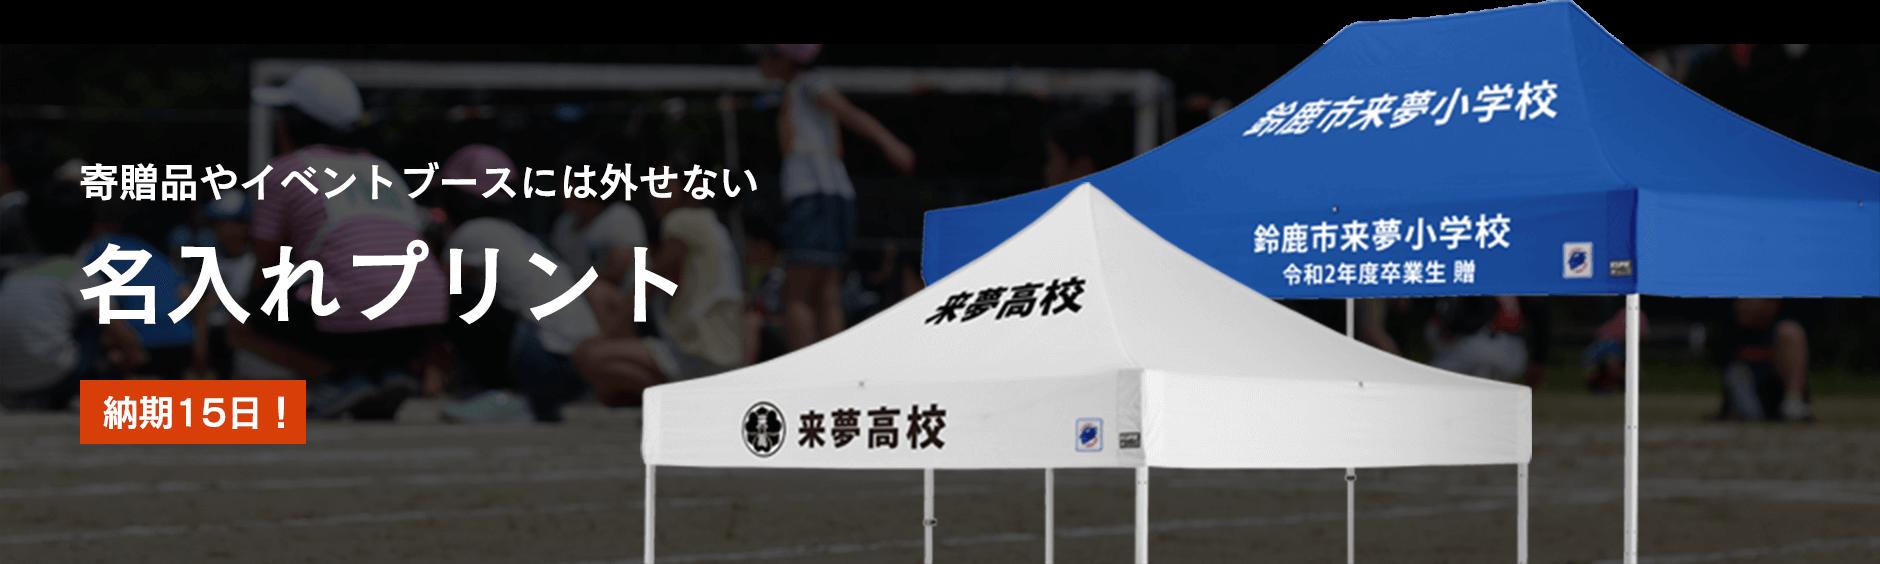 イベント用テント 名入れプリント